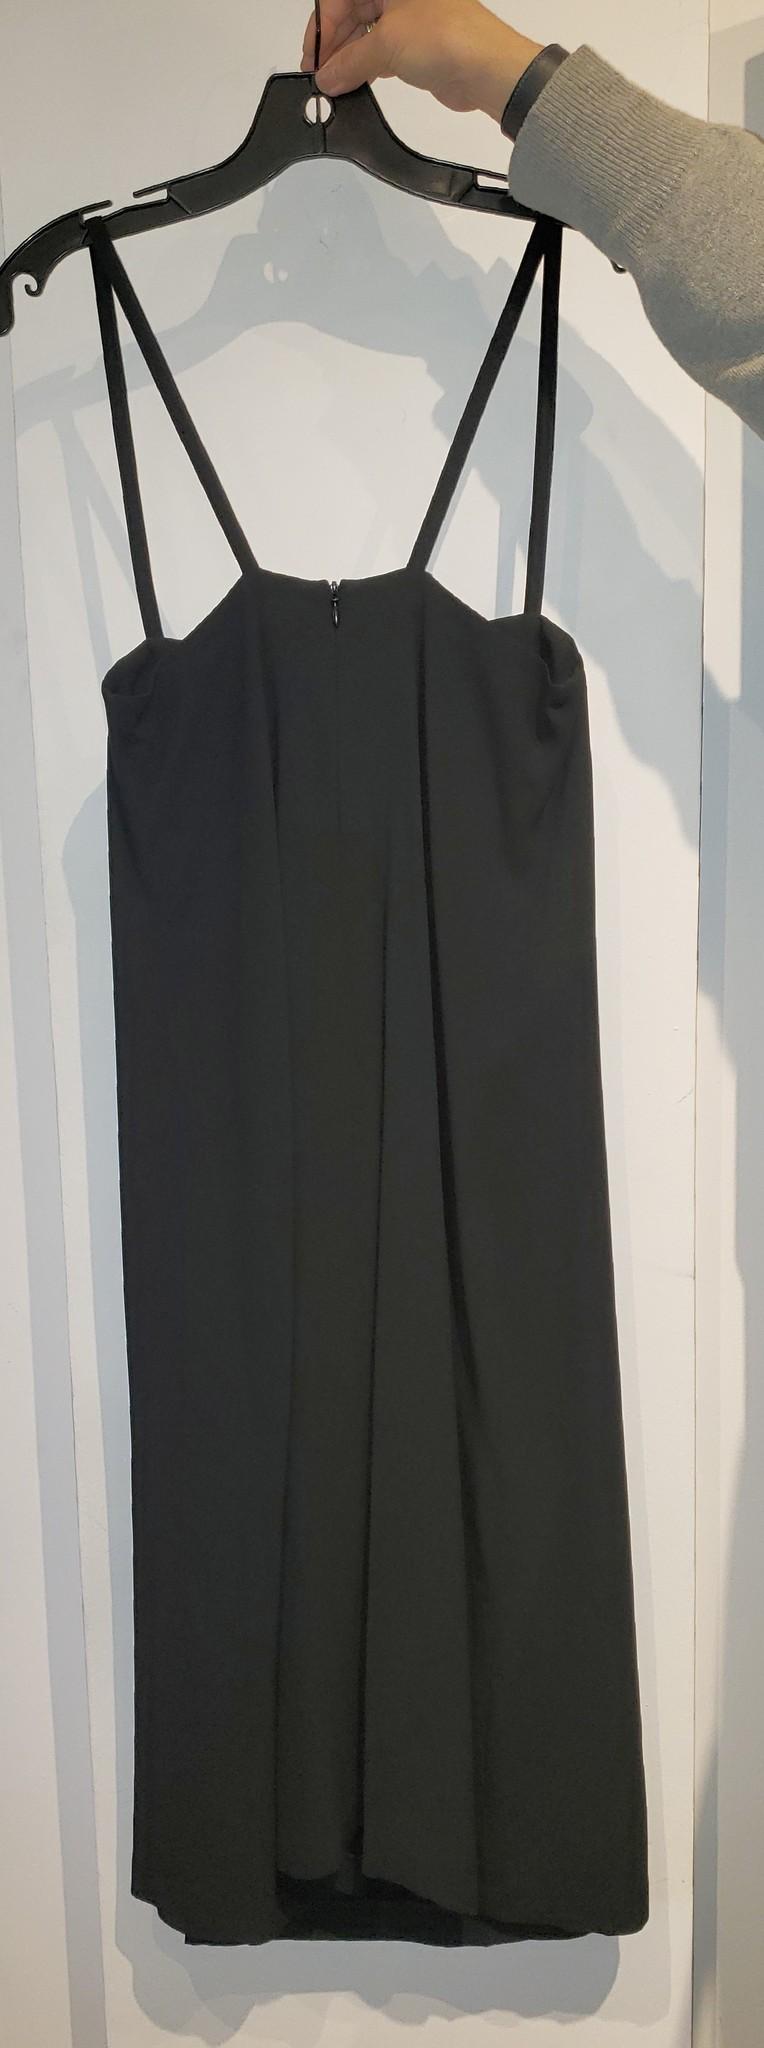 Bra Style Dress - Black - Sz. 40-2